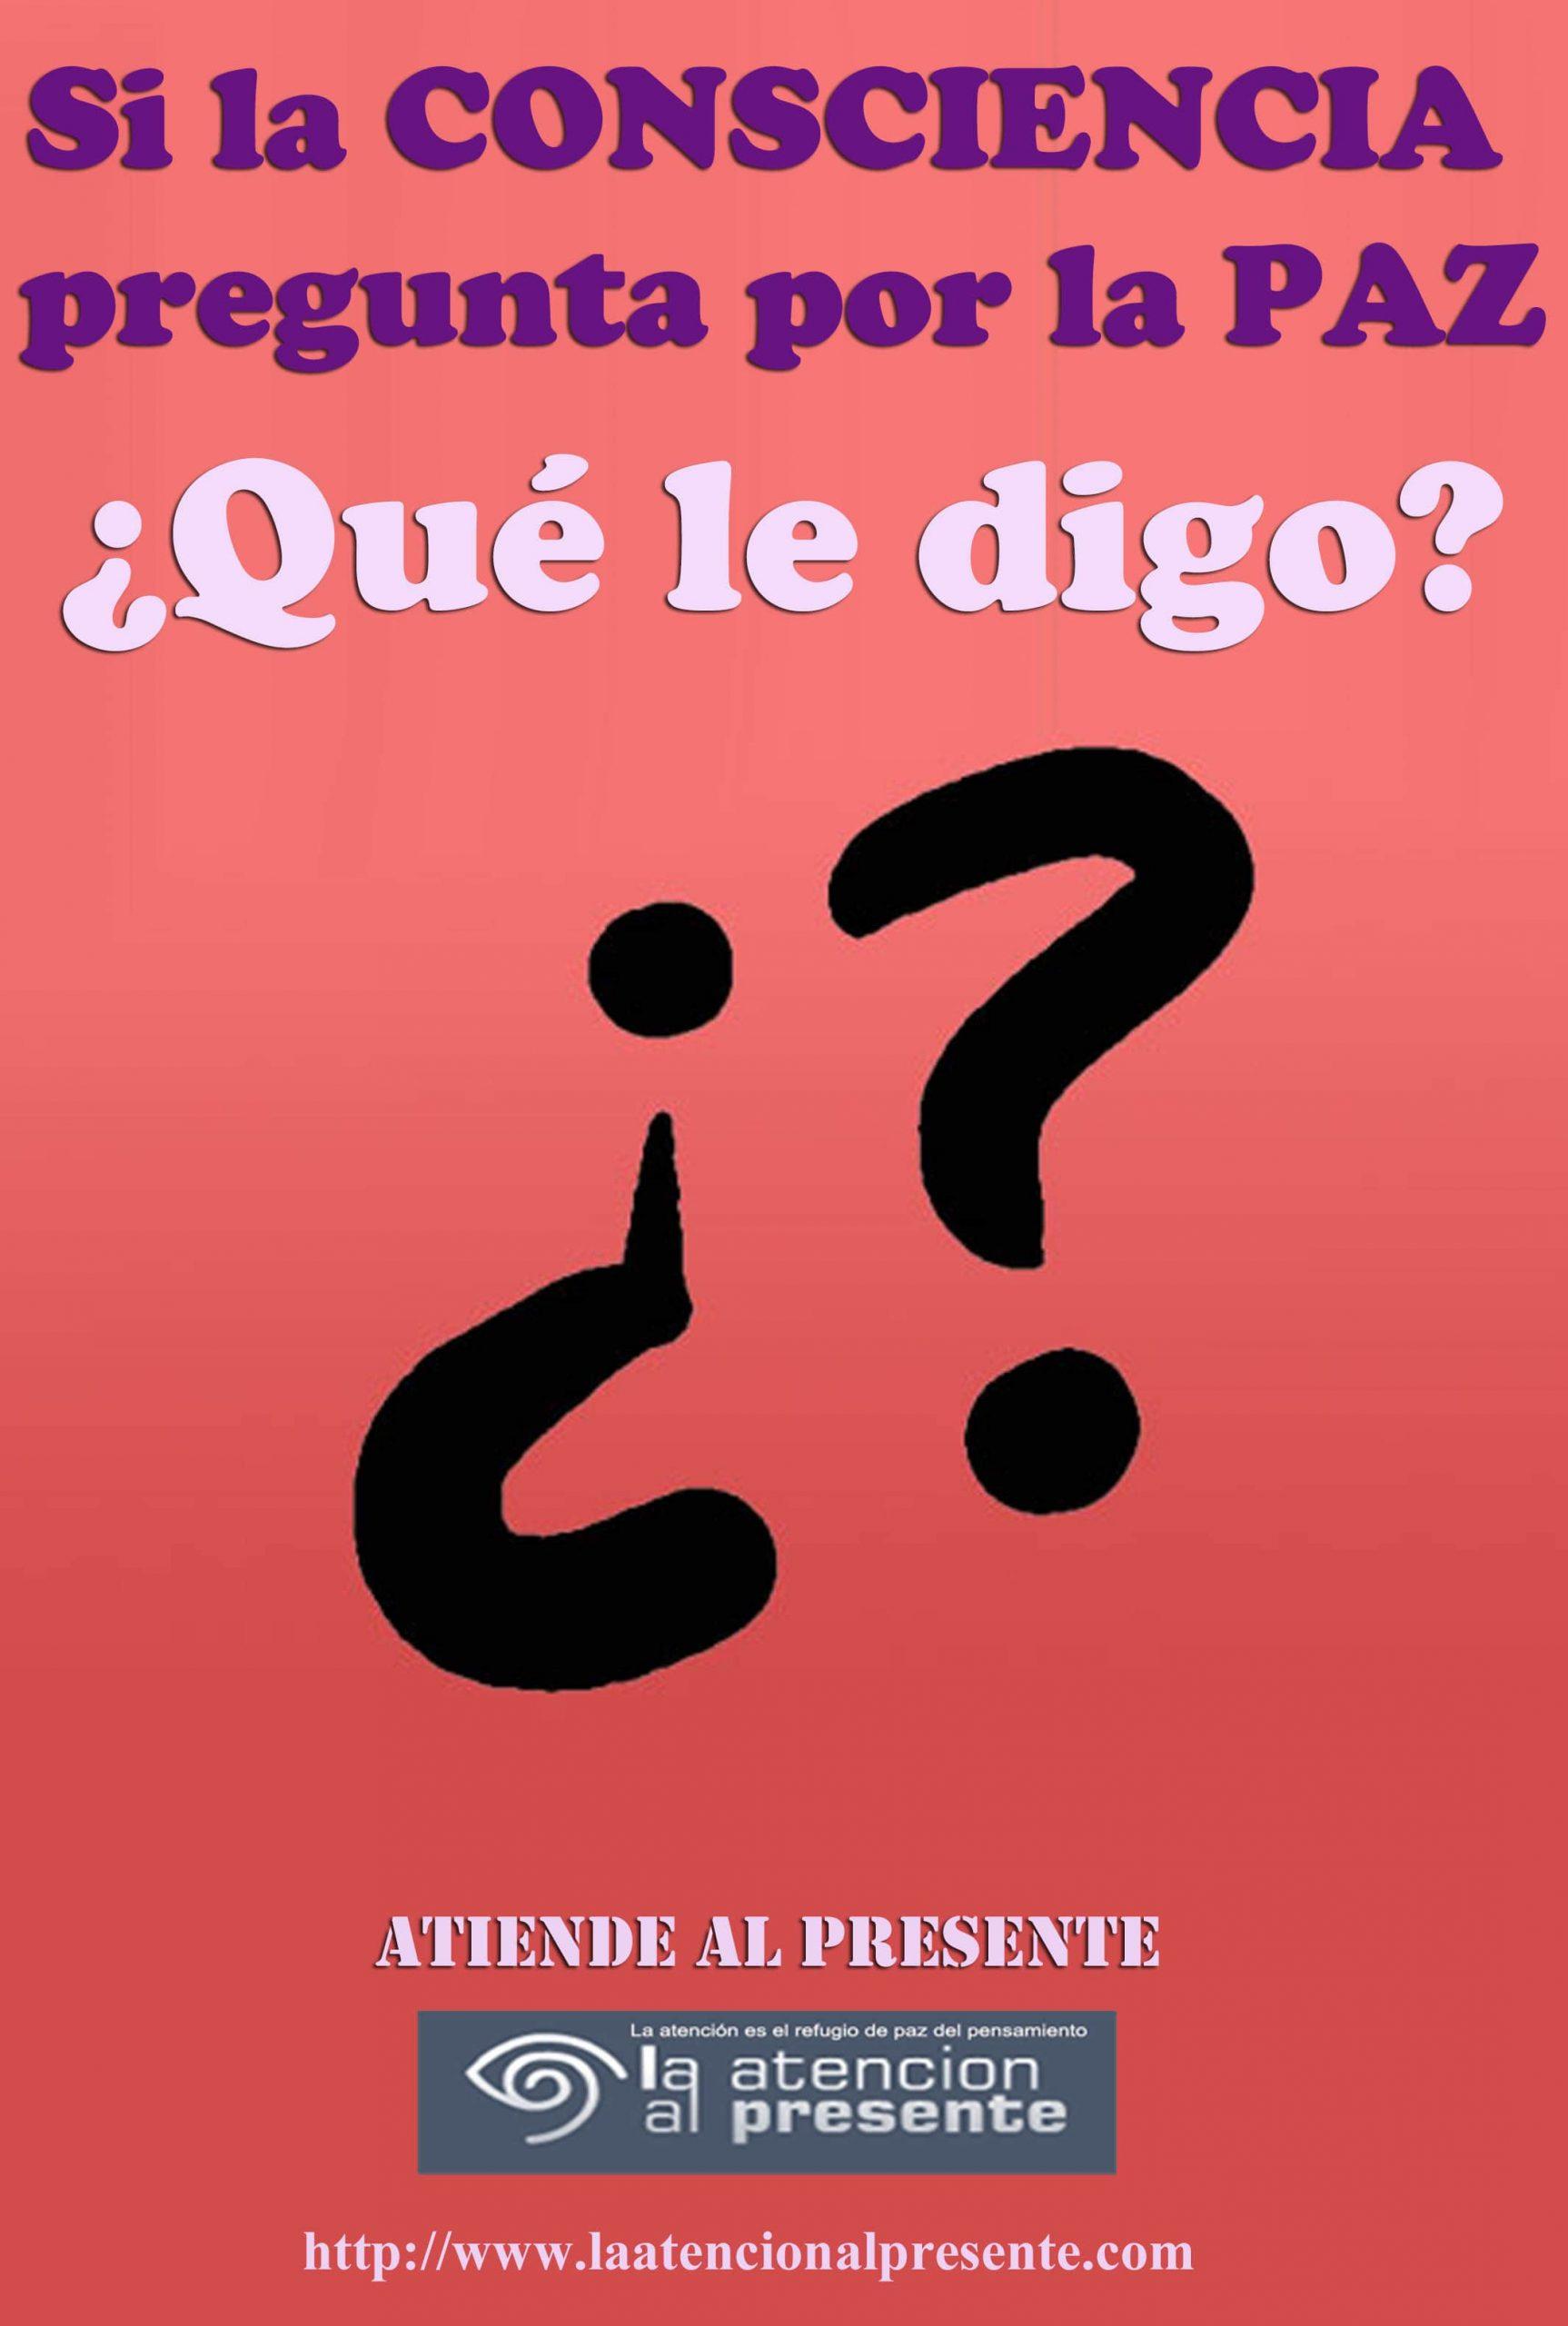 14 de abril Esteban Si la CONSCIENCIA pregunta por la PAZ min 1 scaled